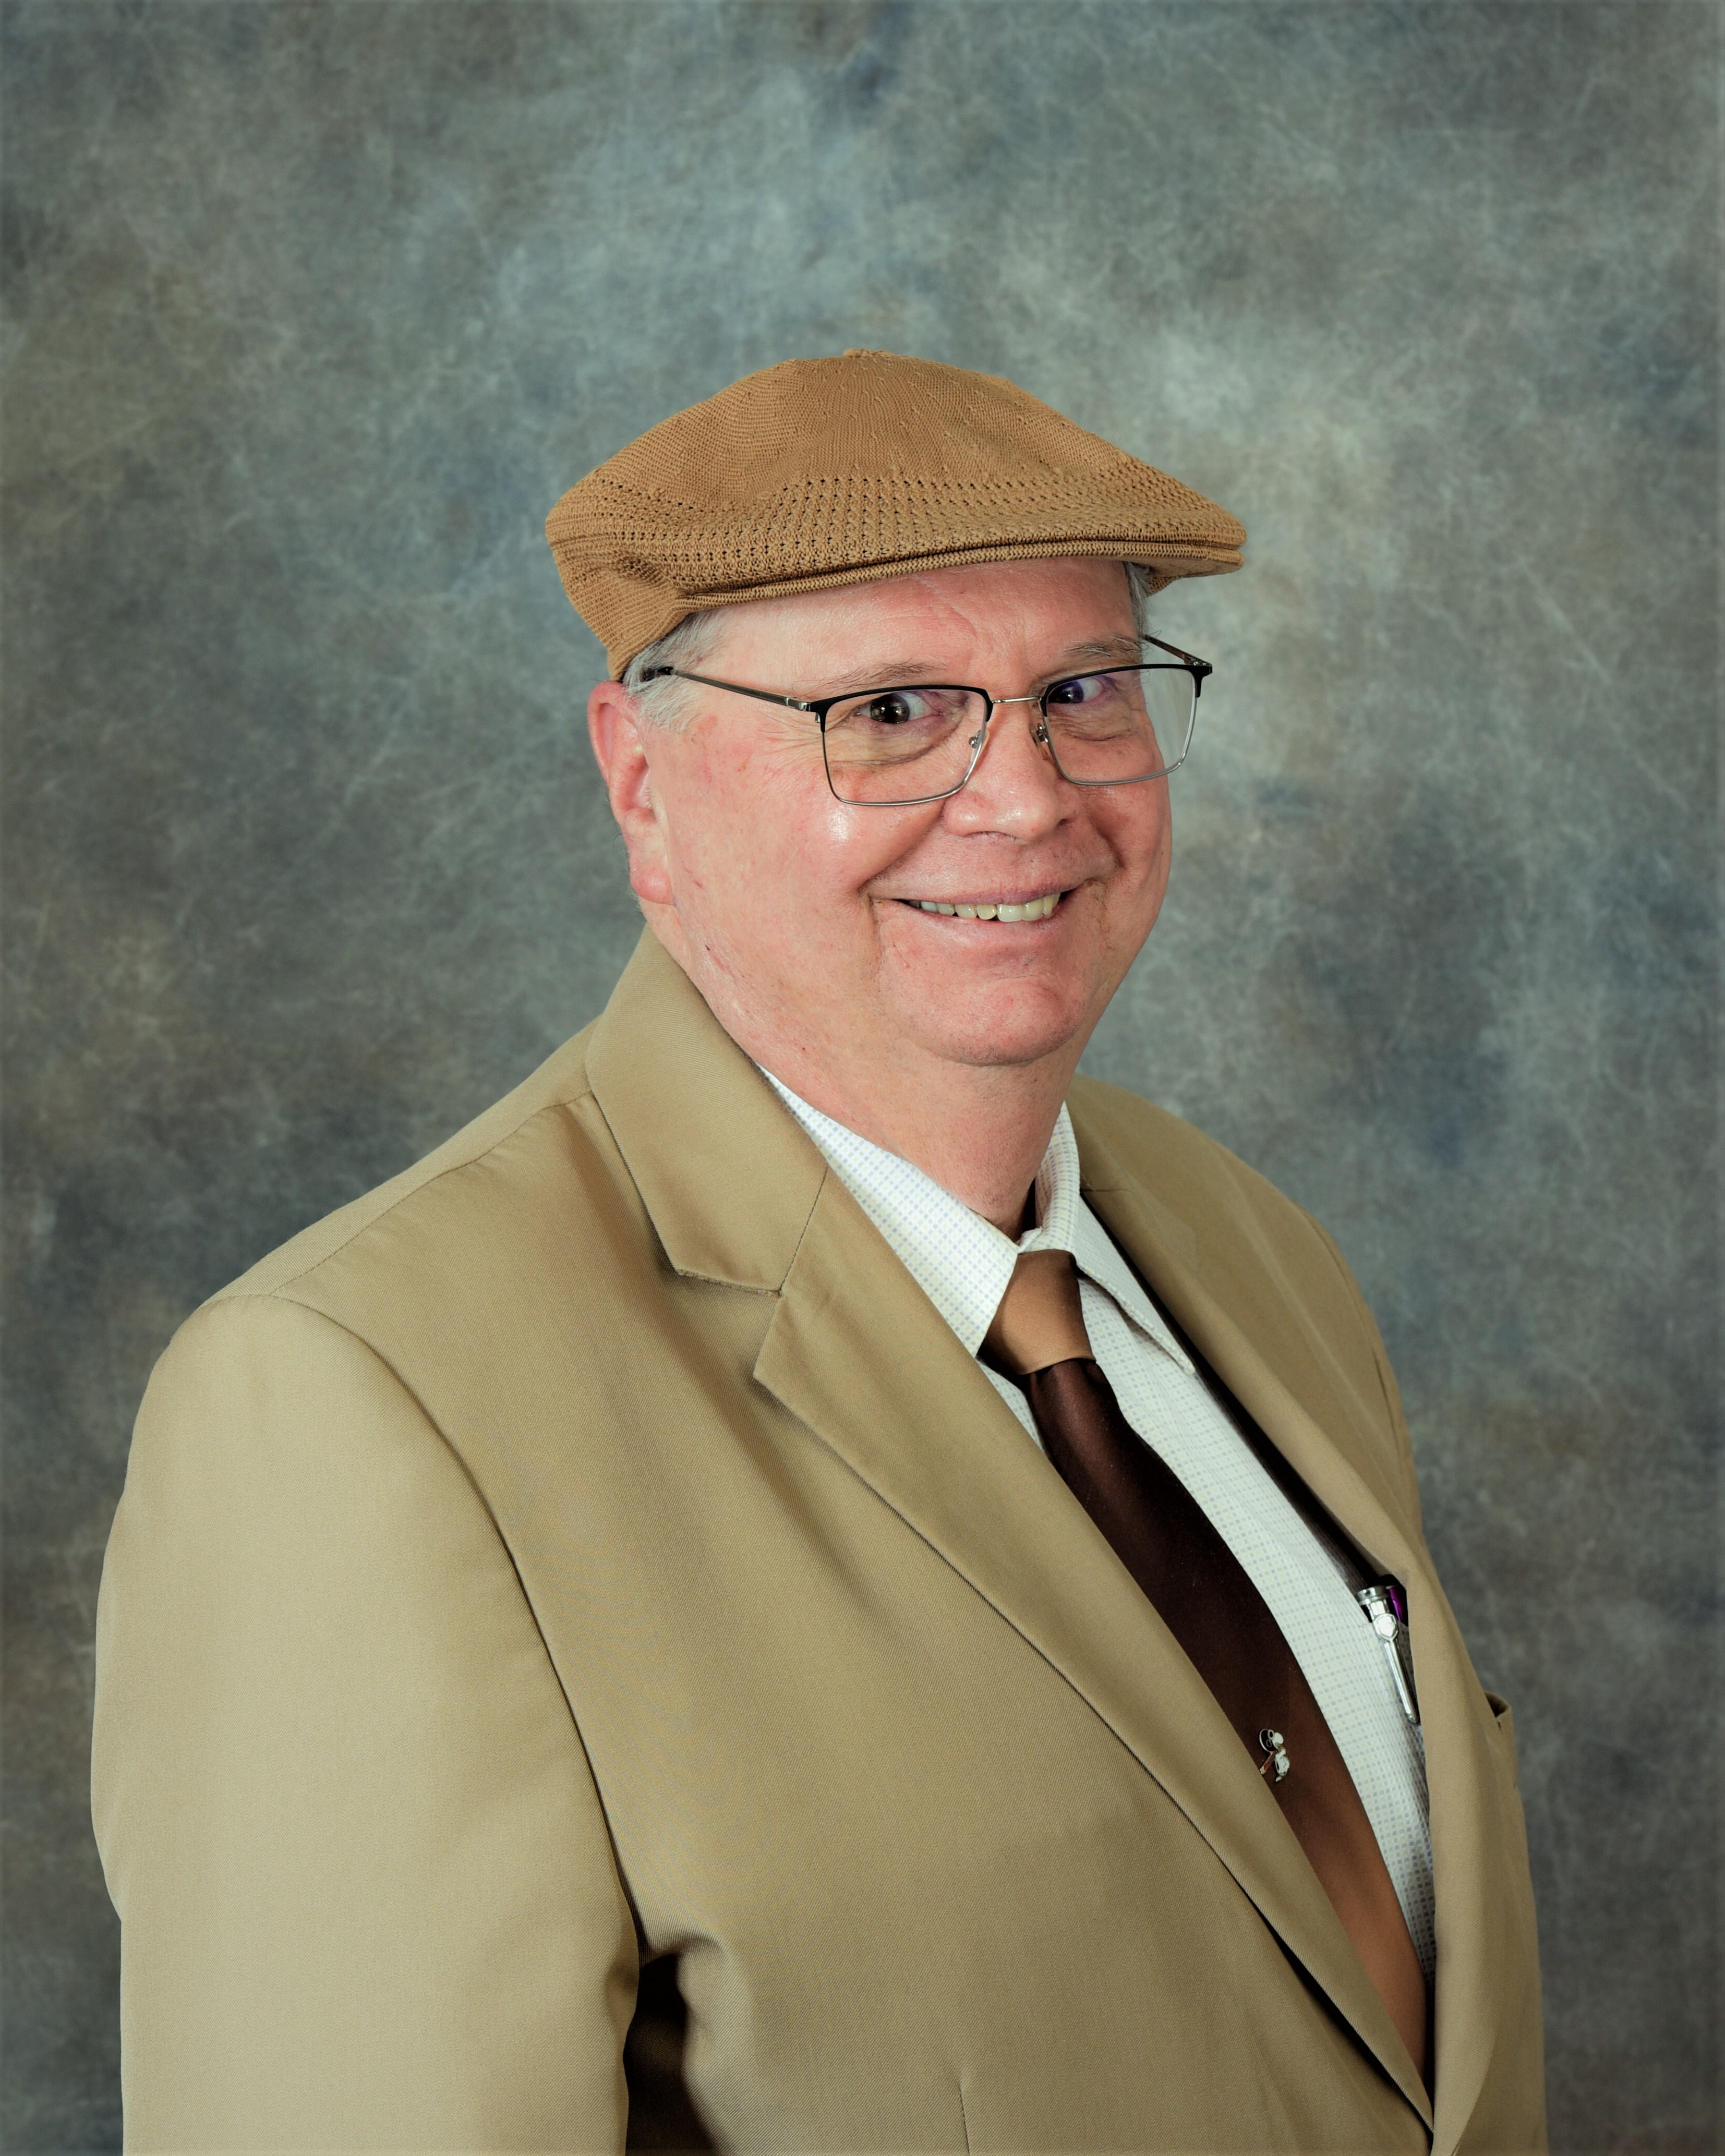 Michael J McFarlane